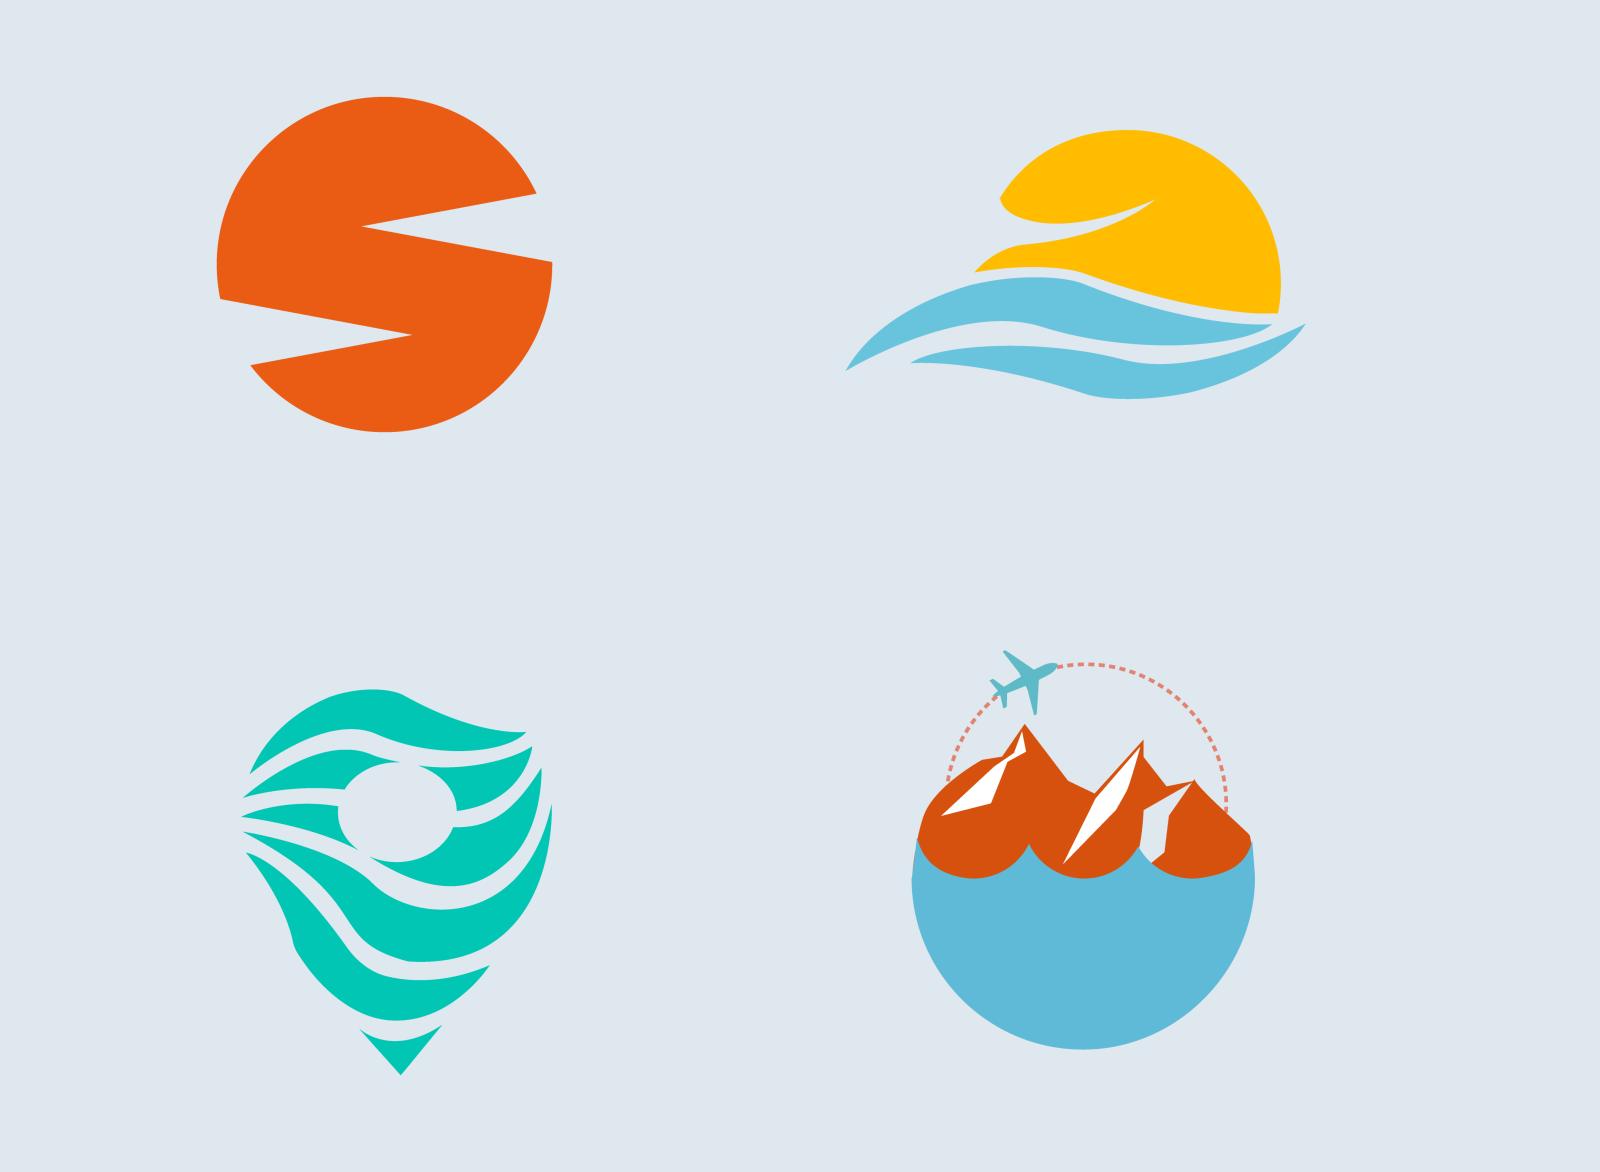 Travel Company Logos by Esma Kurbegović on Dribbble.